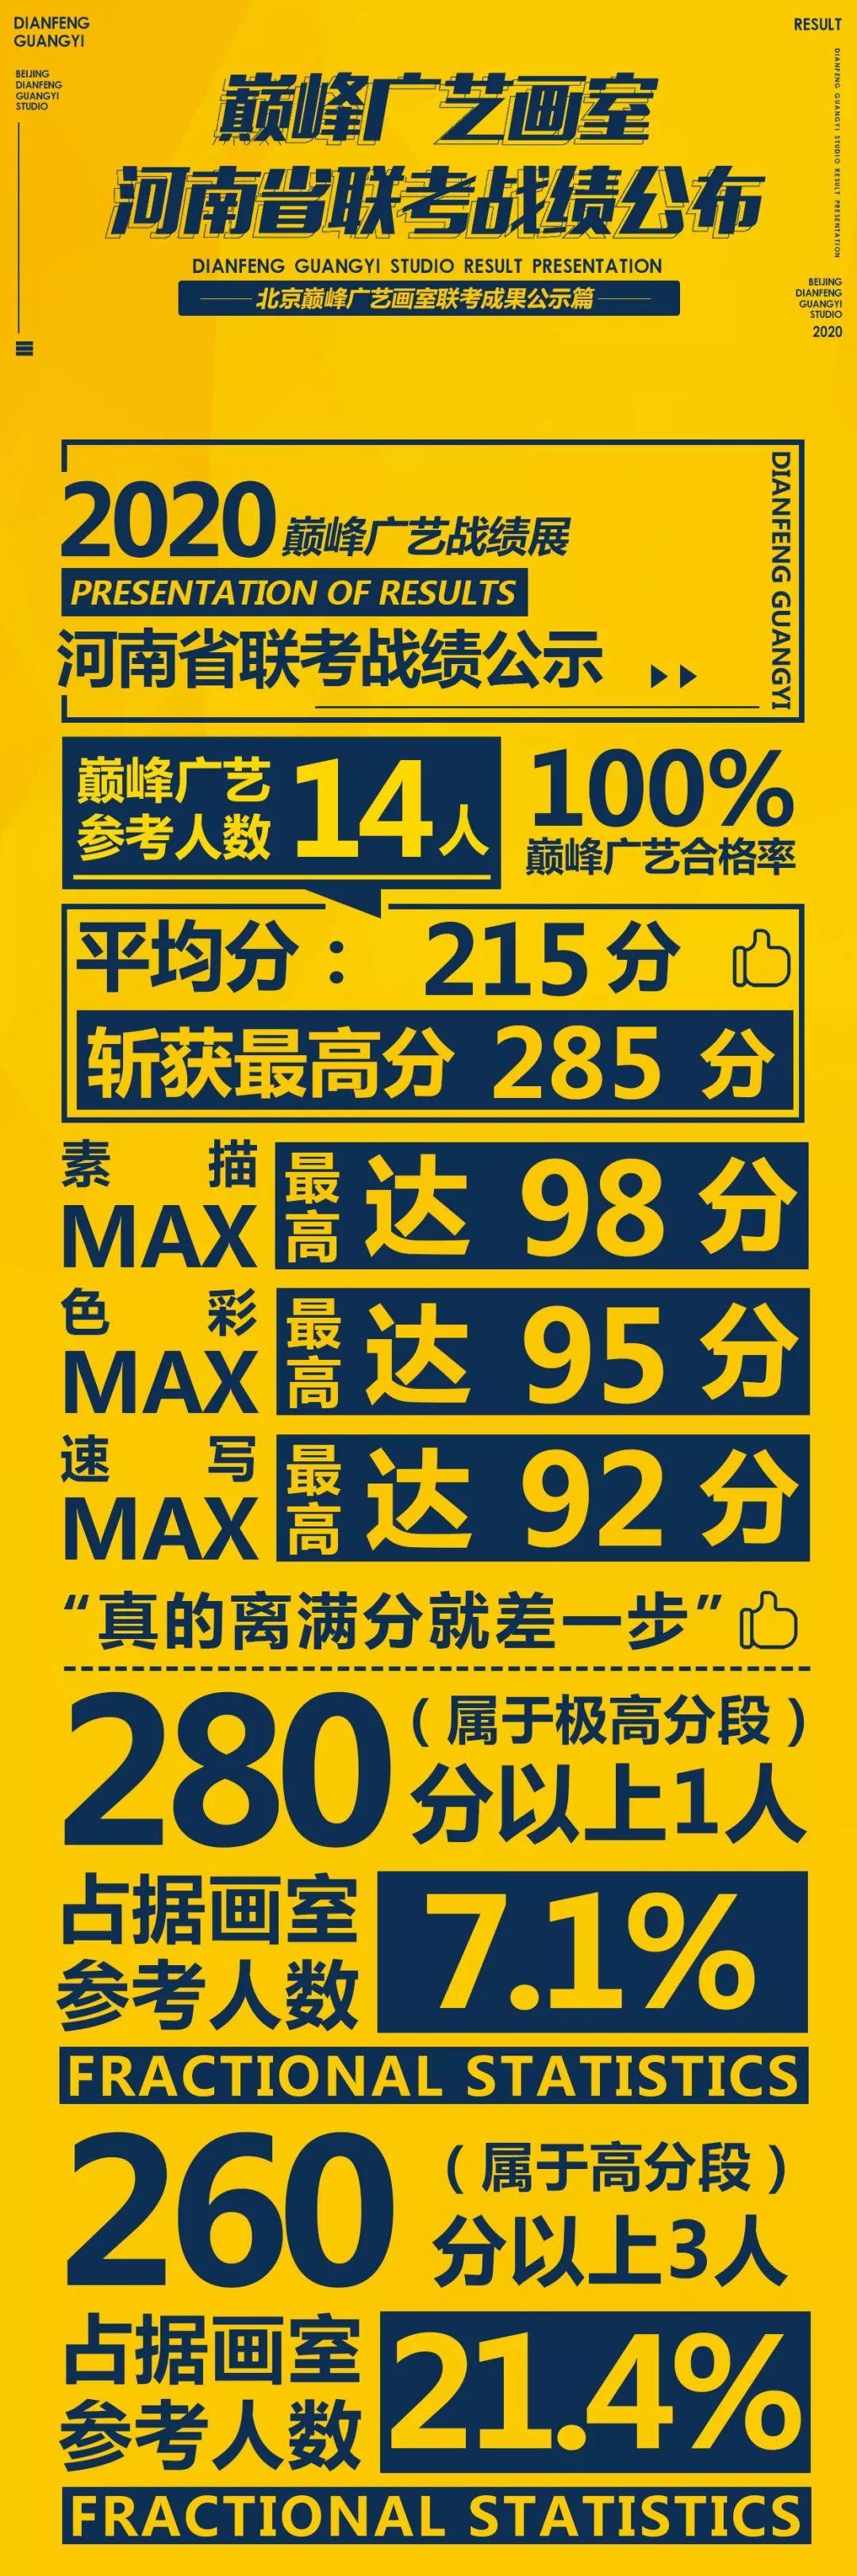 斩获285分!【联考战绩展】巅峰广艺河南省联考战绩展         01